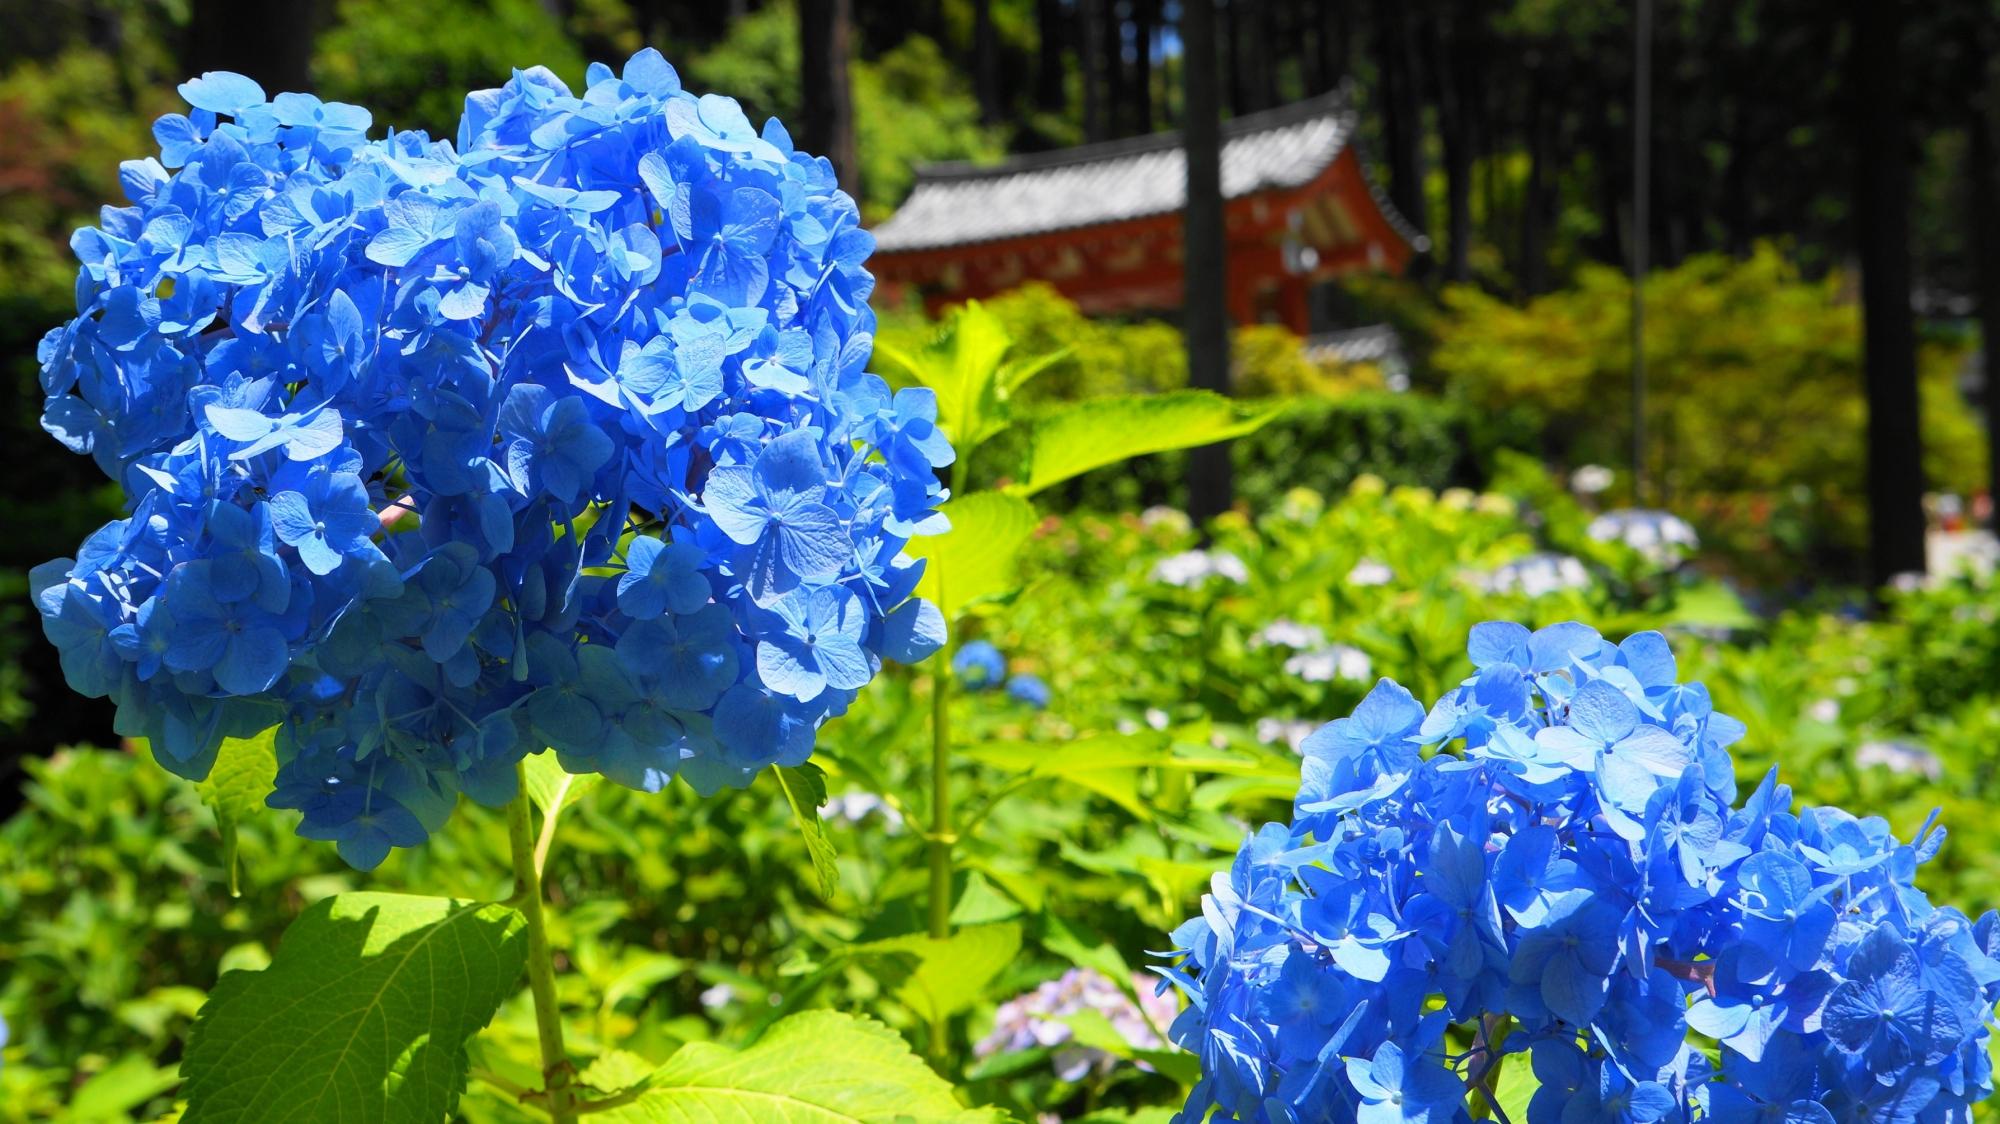 真ん丸ではない少し変わった形をした青い紫陽花